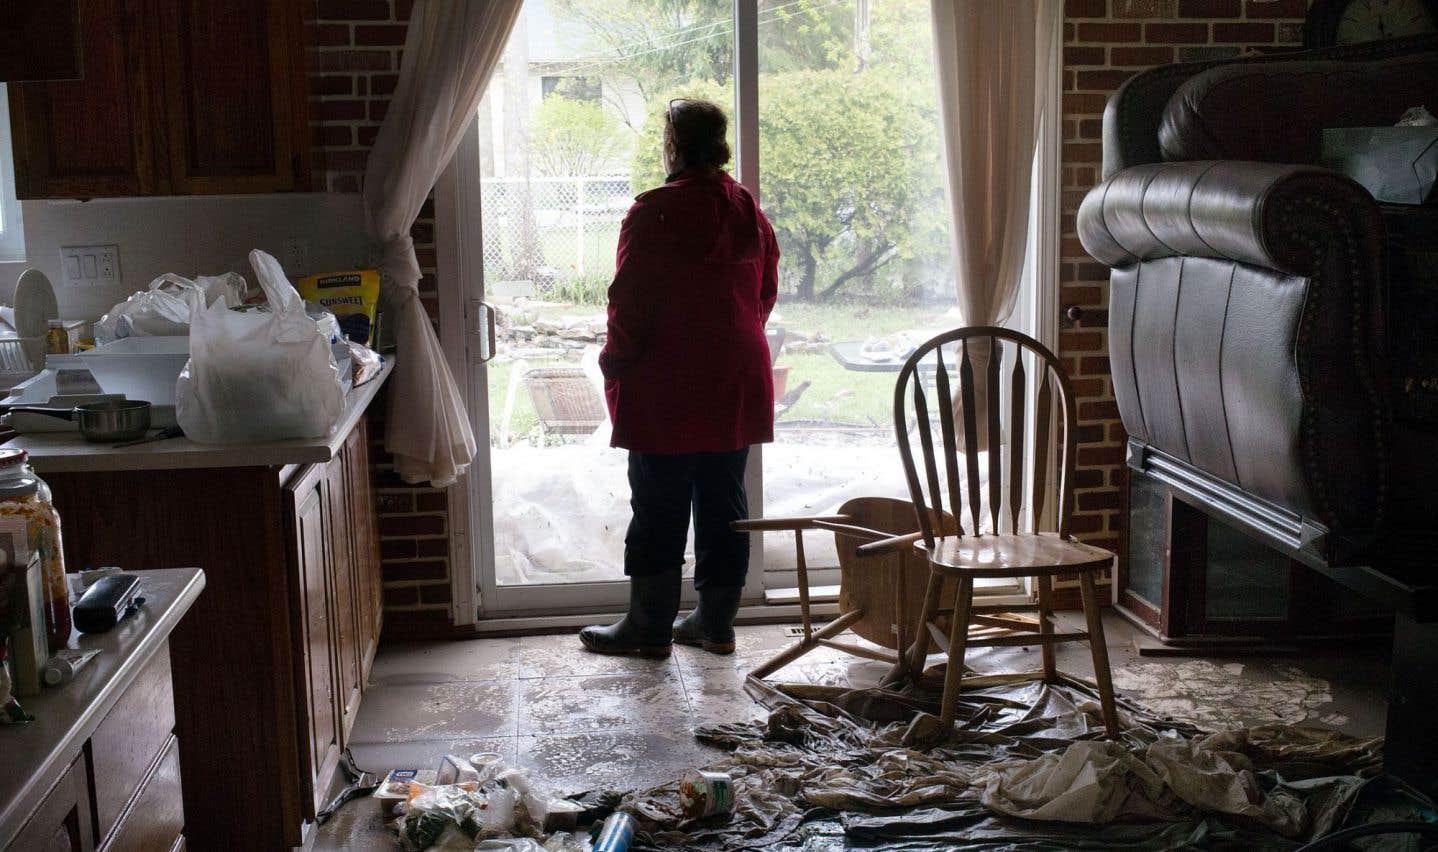 Les sinistrés risquent des problèmes de santé mentale à long terme, signale le Directeur de santé publique de Montréal.